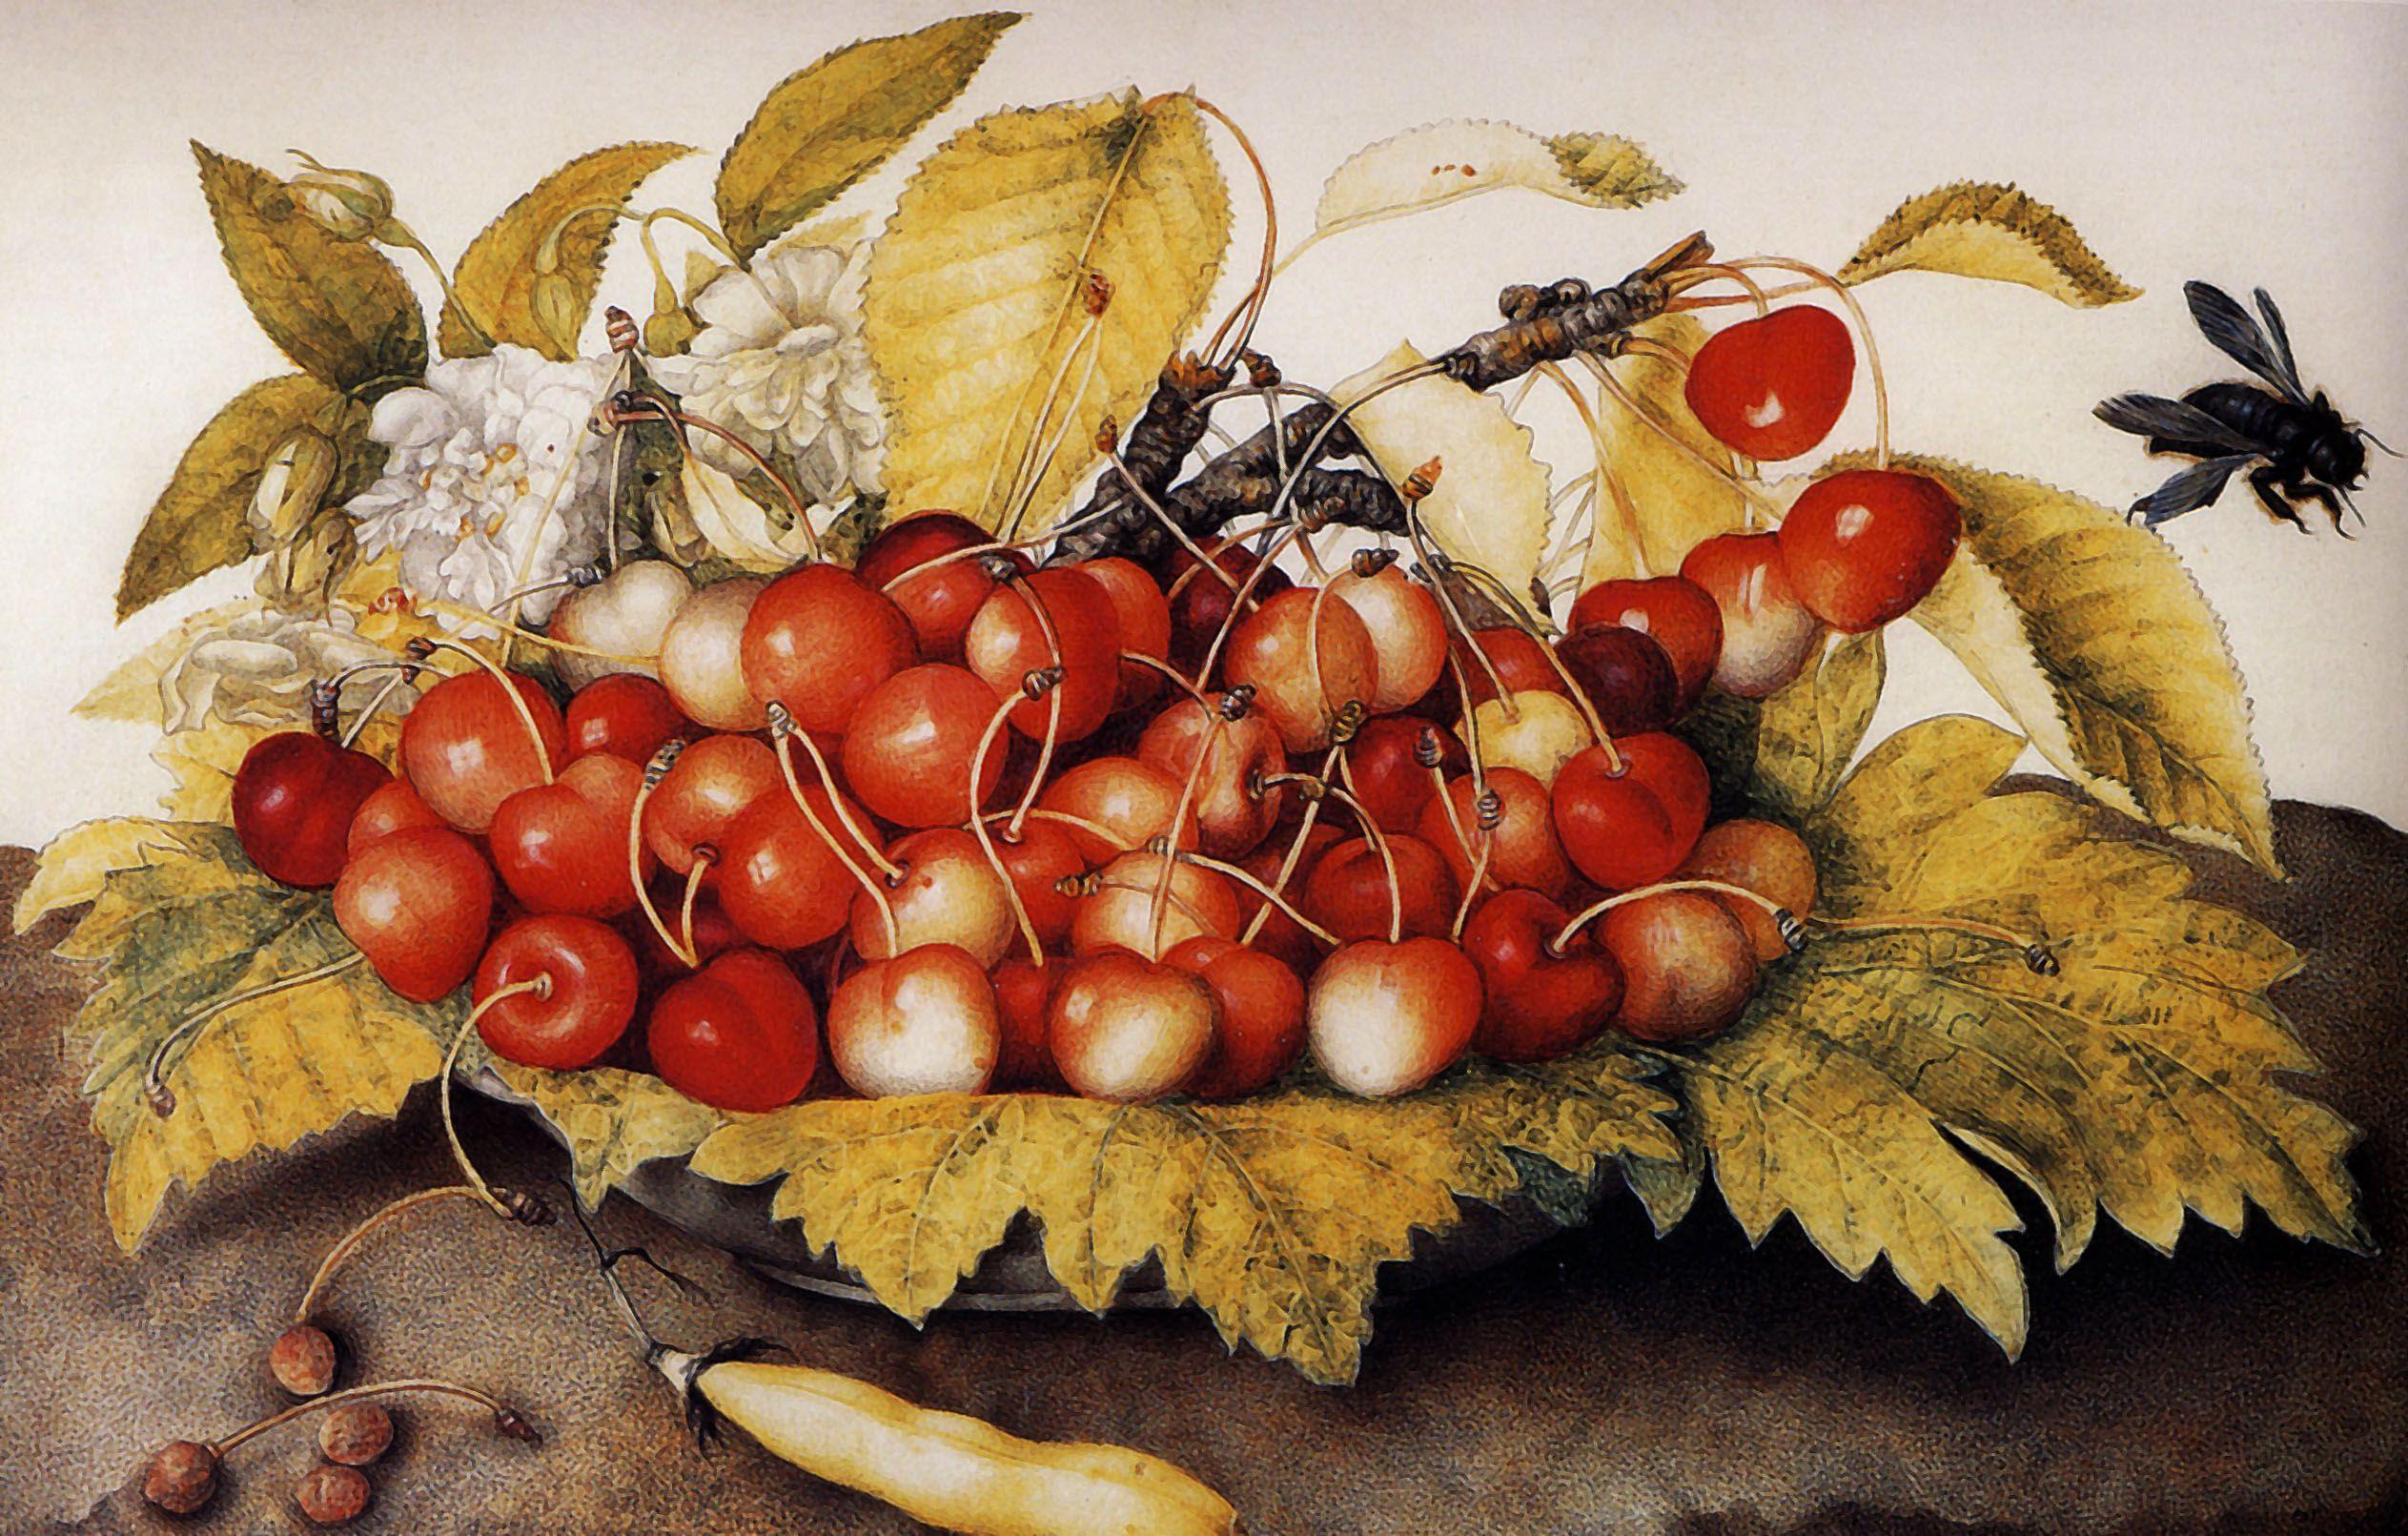 Giovanna garzoni art challenge still life still life art